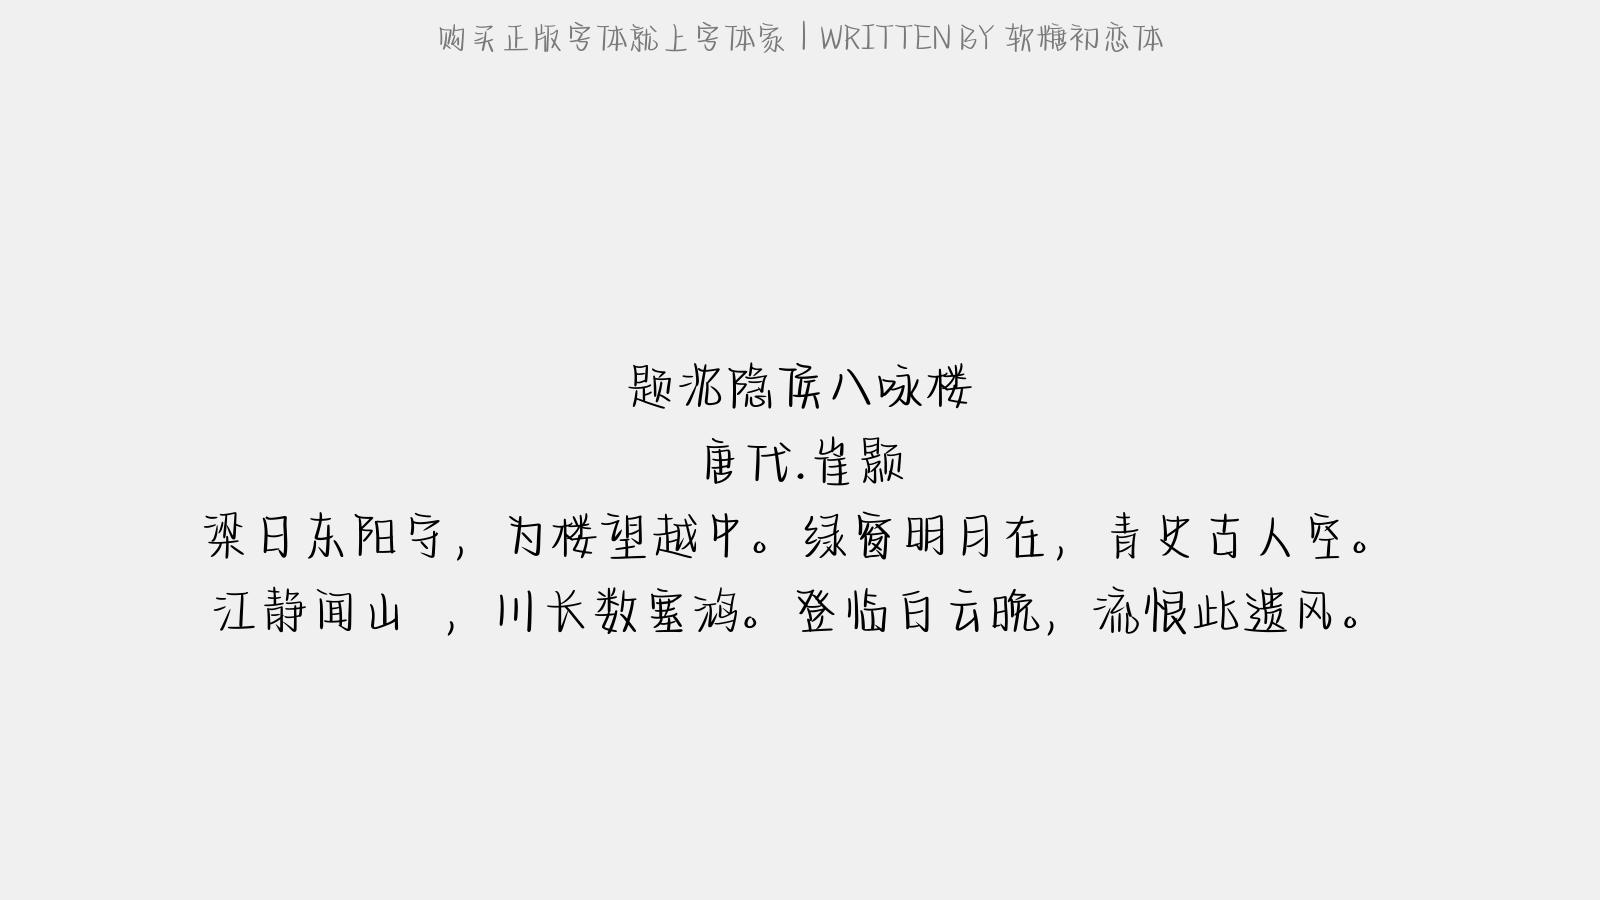 軟糖初戀體 - 題沈隱侯八詠樓